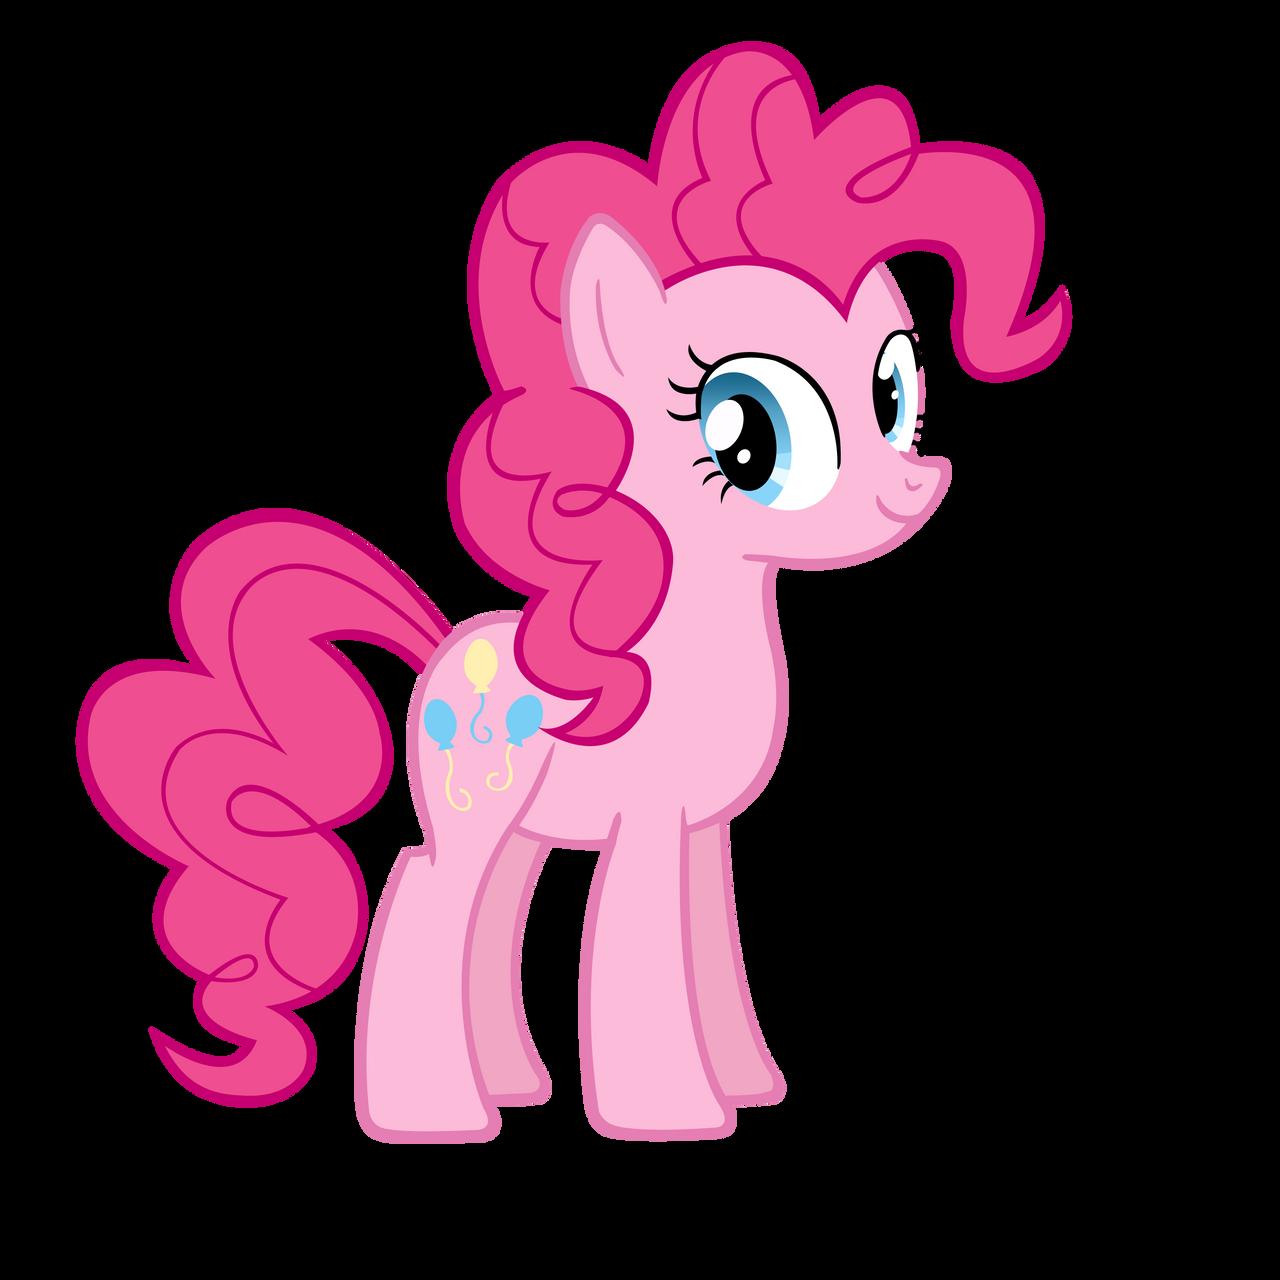 Pinkie Pie by Vexorb